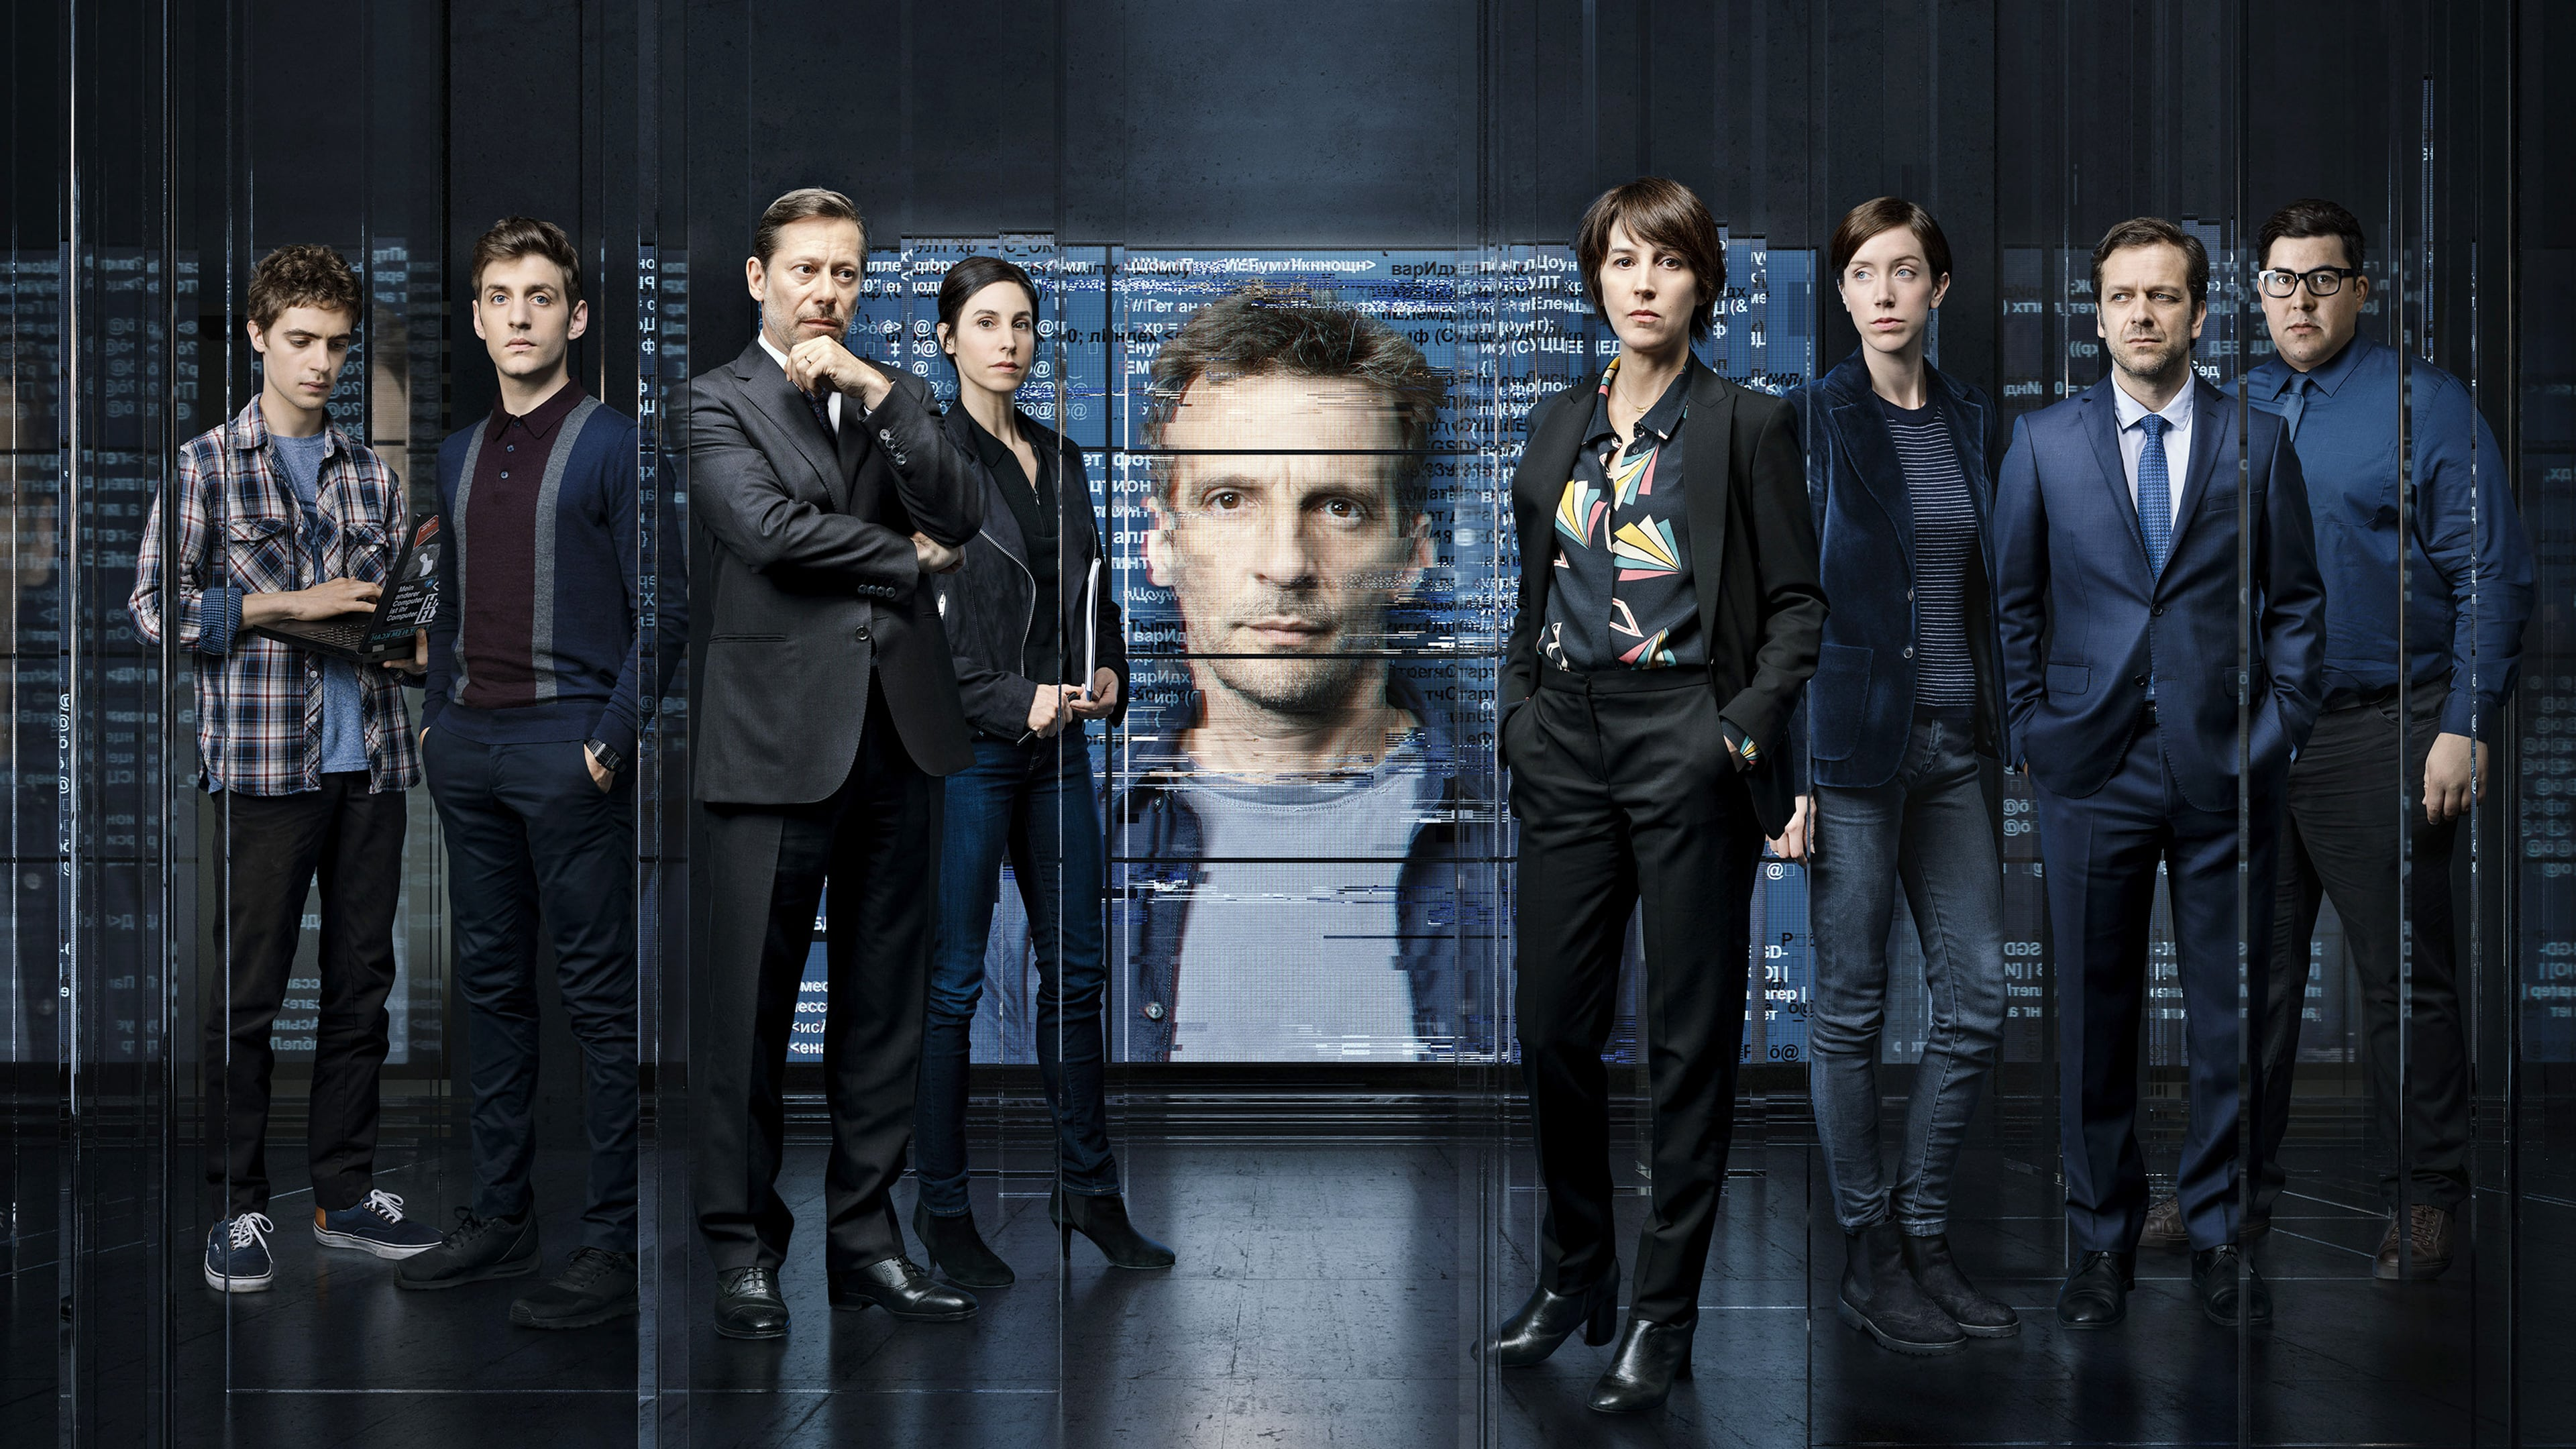 传奇办公室 第五季 Le Bureau des légendes Season 5 (2020) 中文字幕